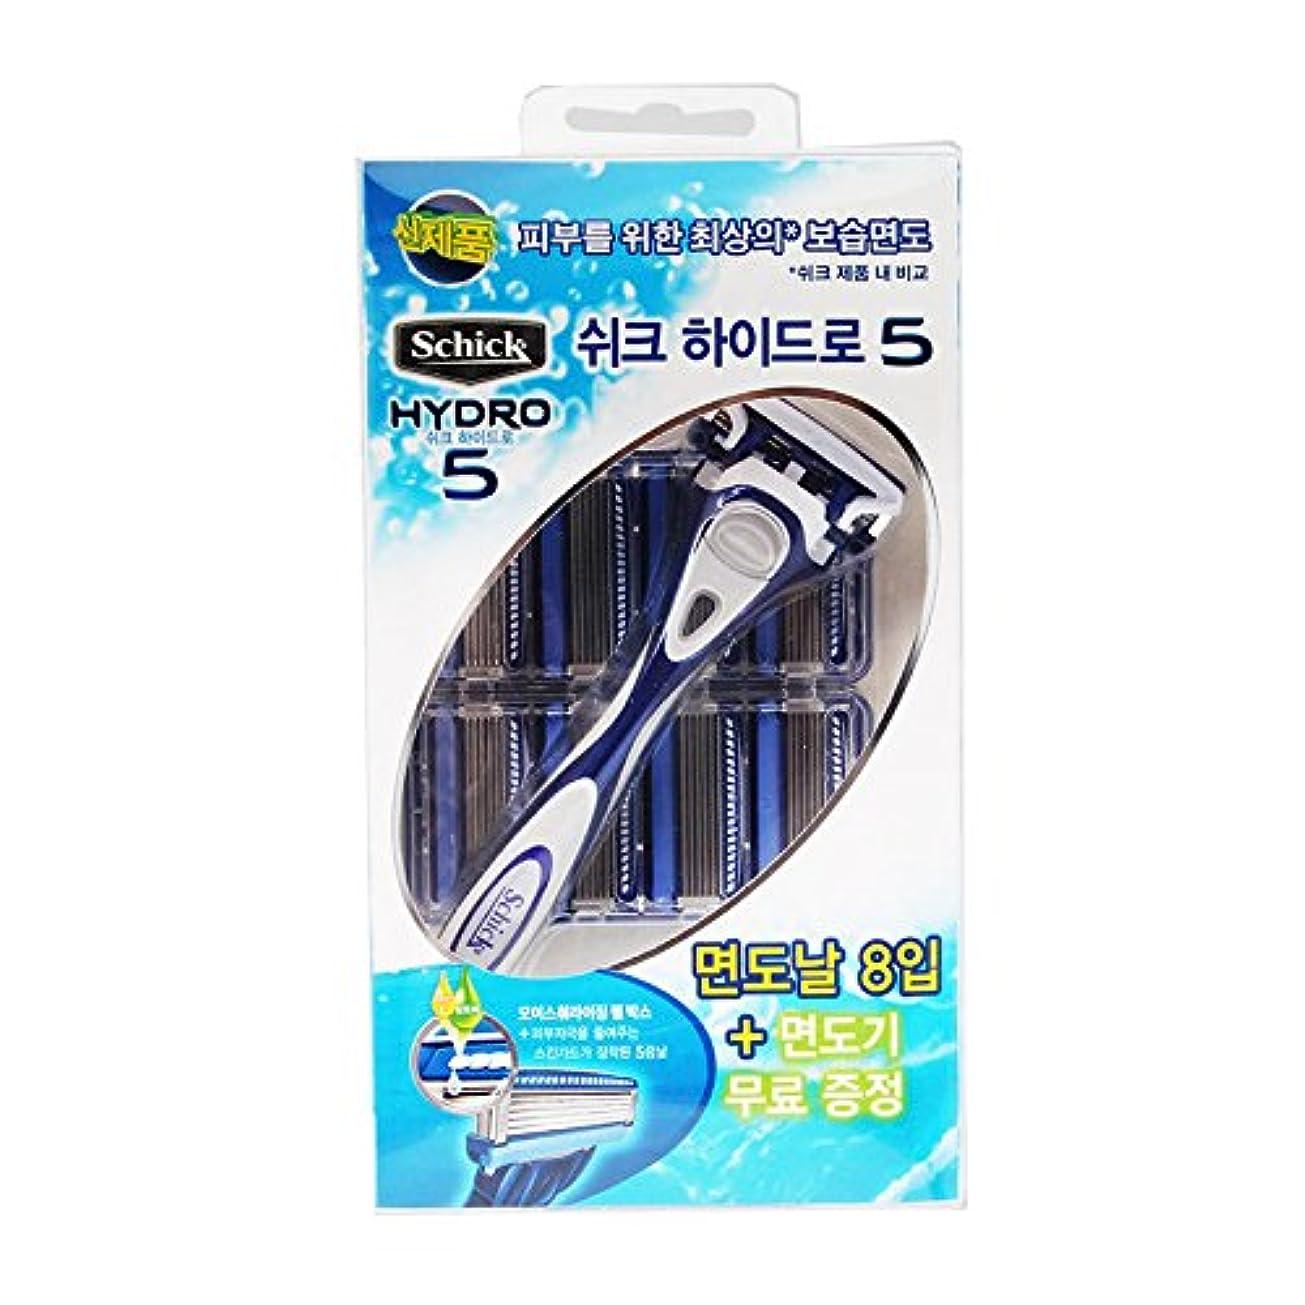 記録天使イーウェルSchick Hydro 5 Shaving 1 Razor with 8 カートリッジ [並行輸入品]